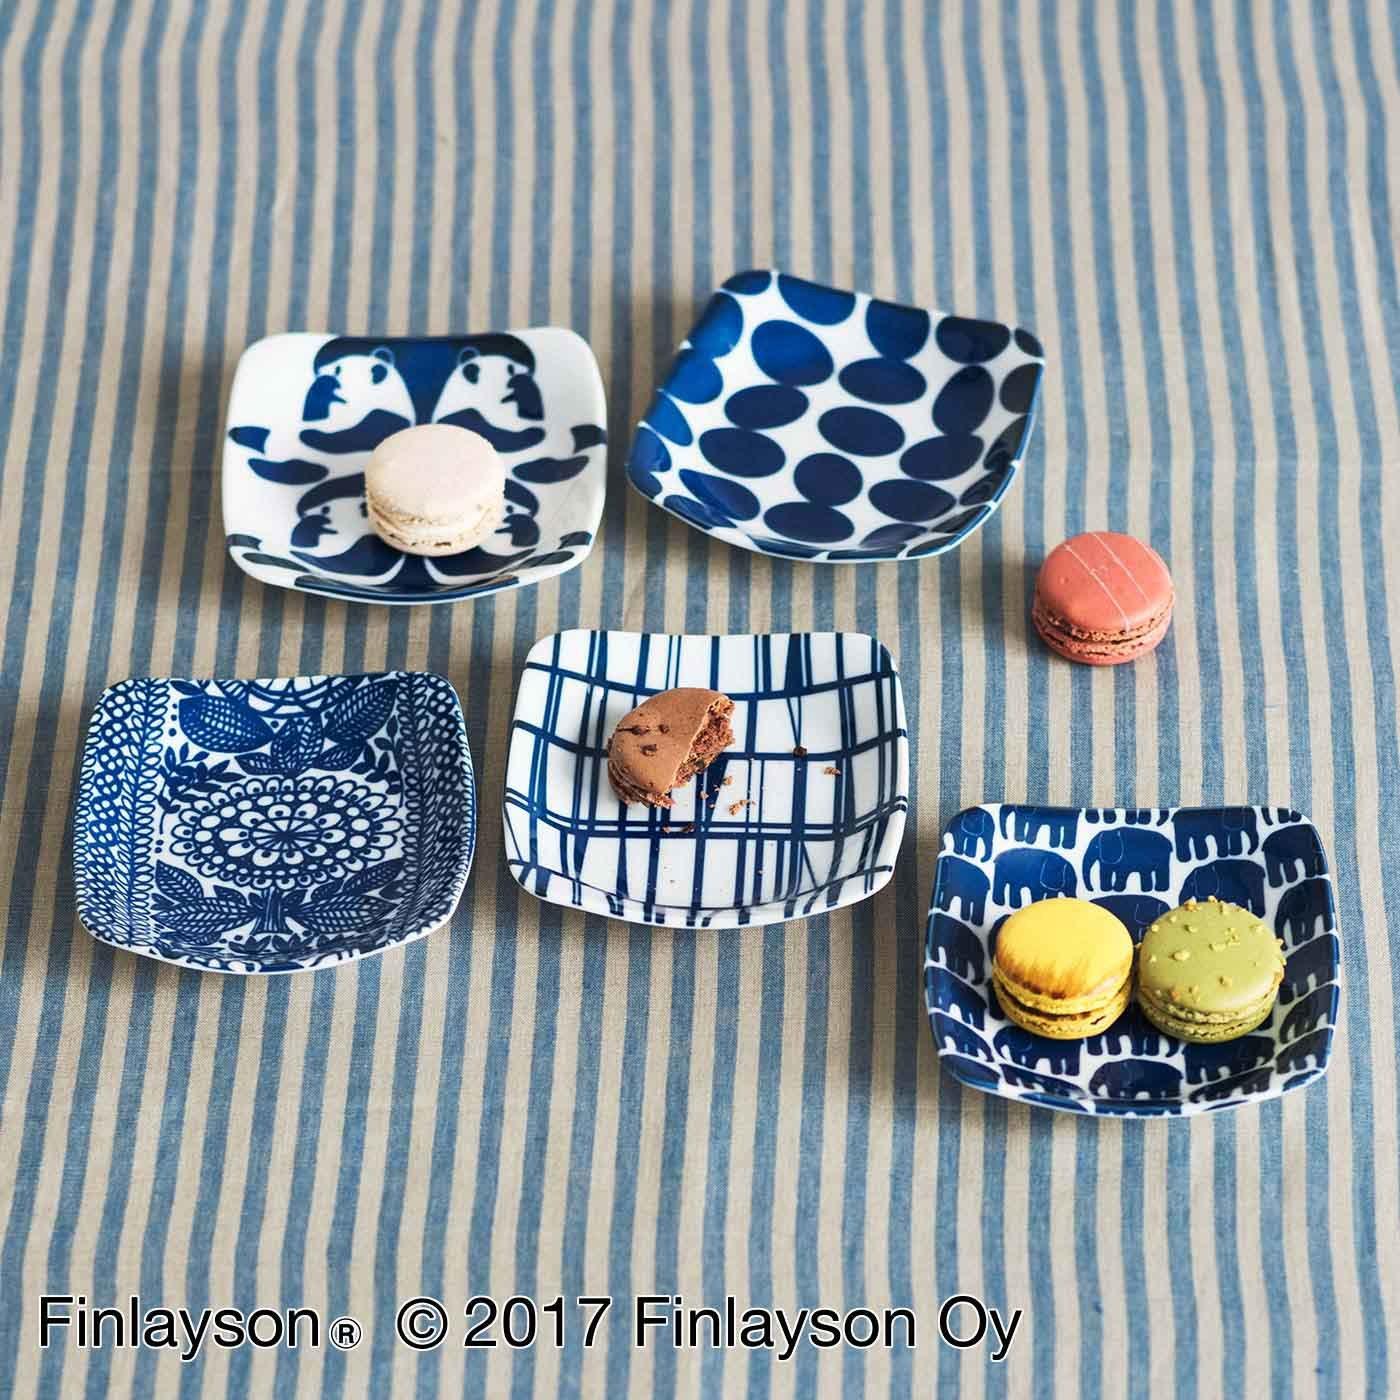 【3~10日でお届け】Finlayson フィンレイソン 藍色美しい5種類の角皿セット